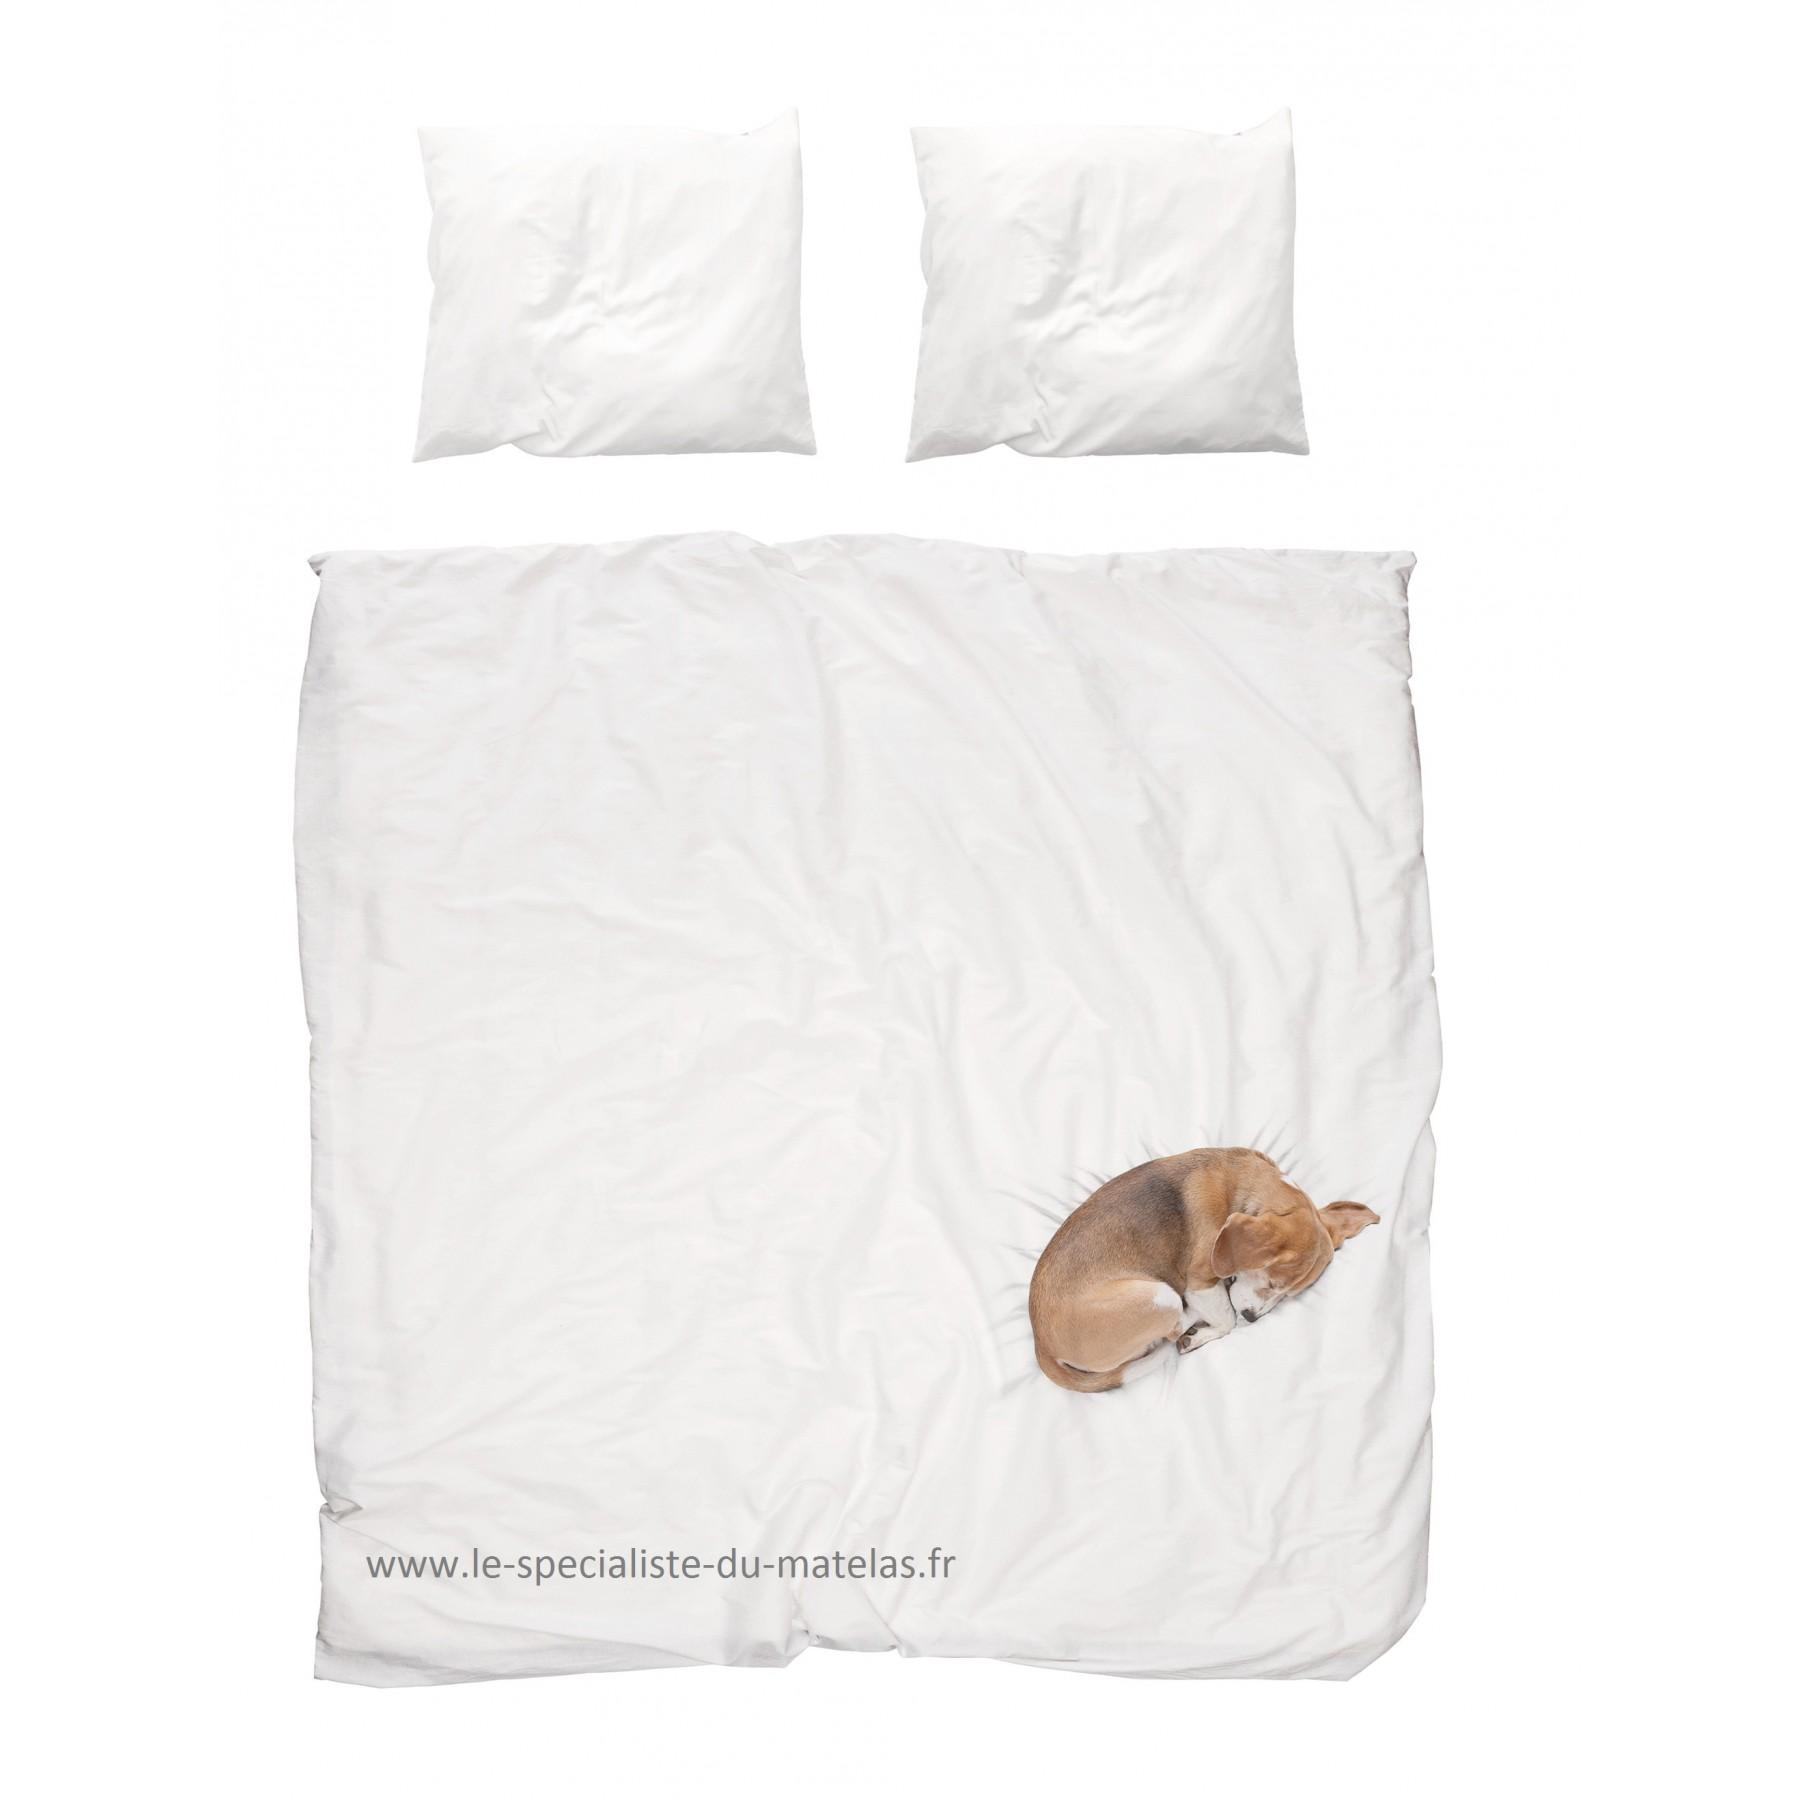 housse de couette snurk chien bob d couvrir au le sp cialiste du matelas. Black Bedroom Furniture Sets. Home Design Ideas